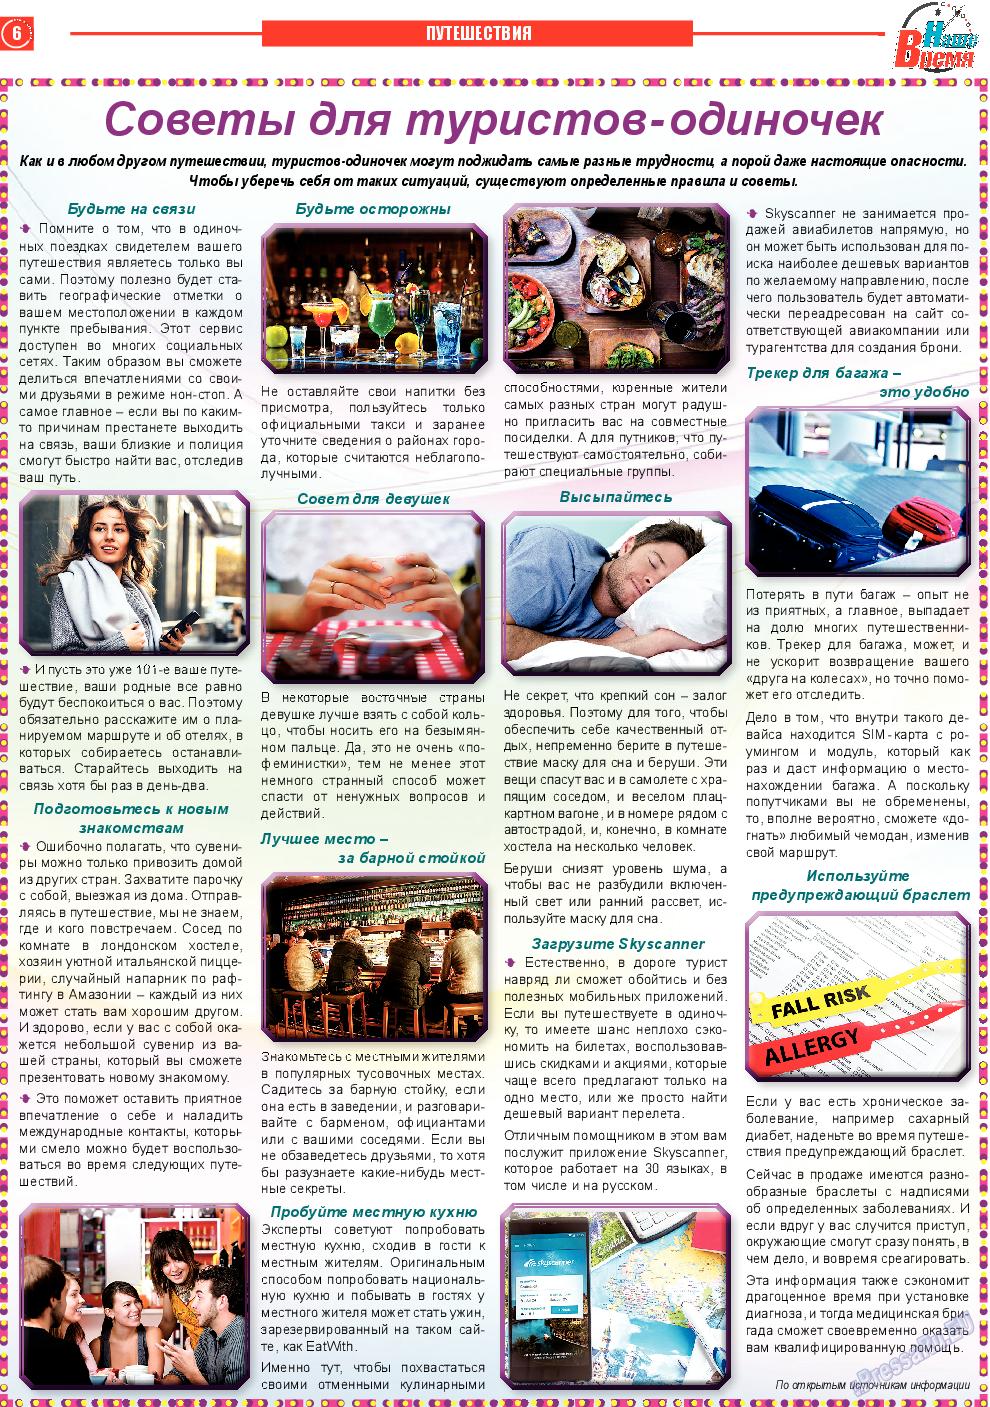 Наше время (газета). 2019 год, номер 4, стр. 6